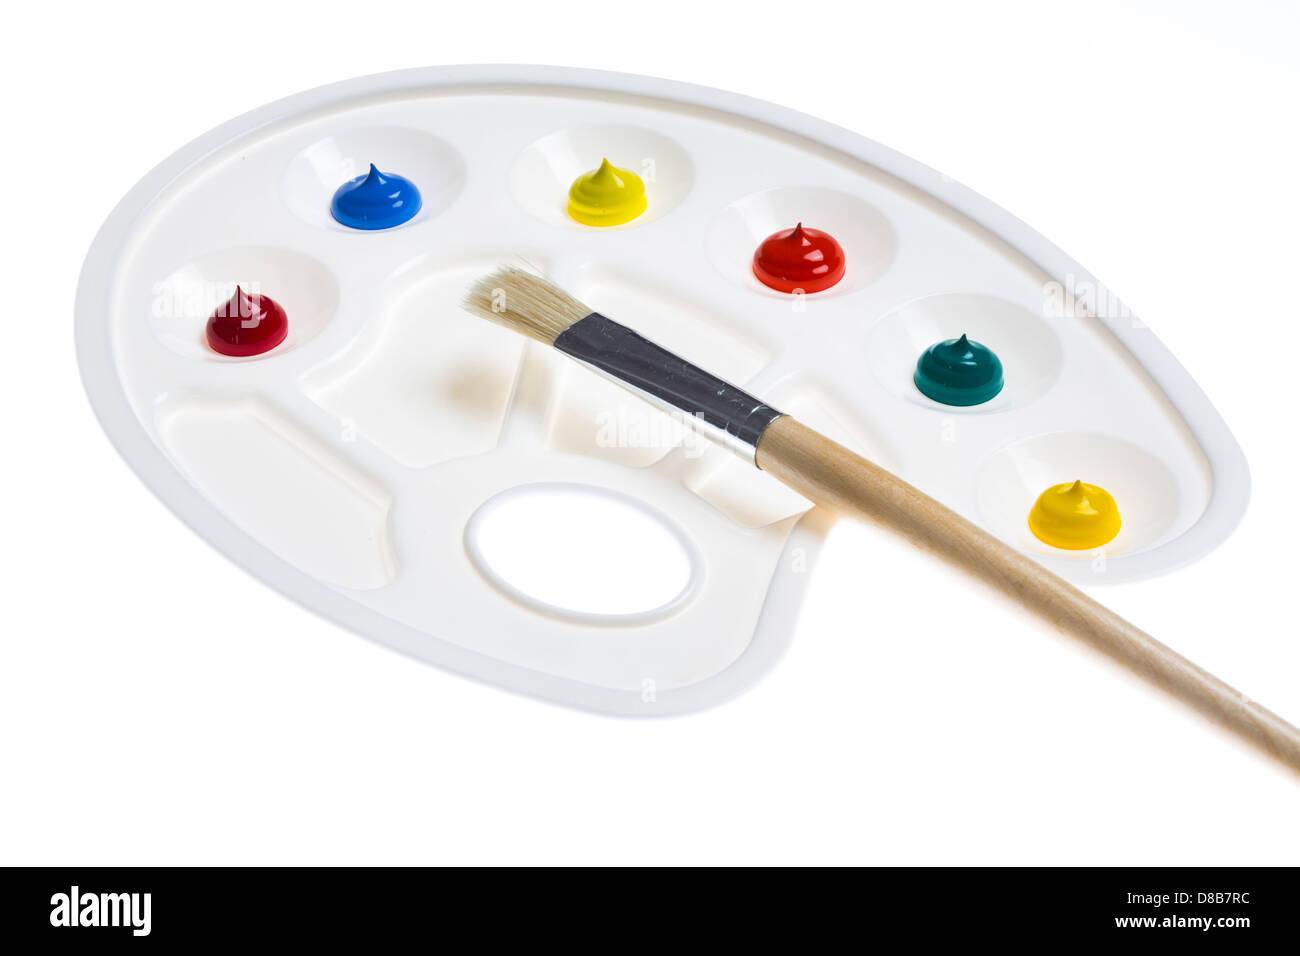 Vernice, tavolozza di colori differenti, il pennello. Immagini Stock